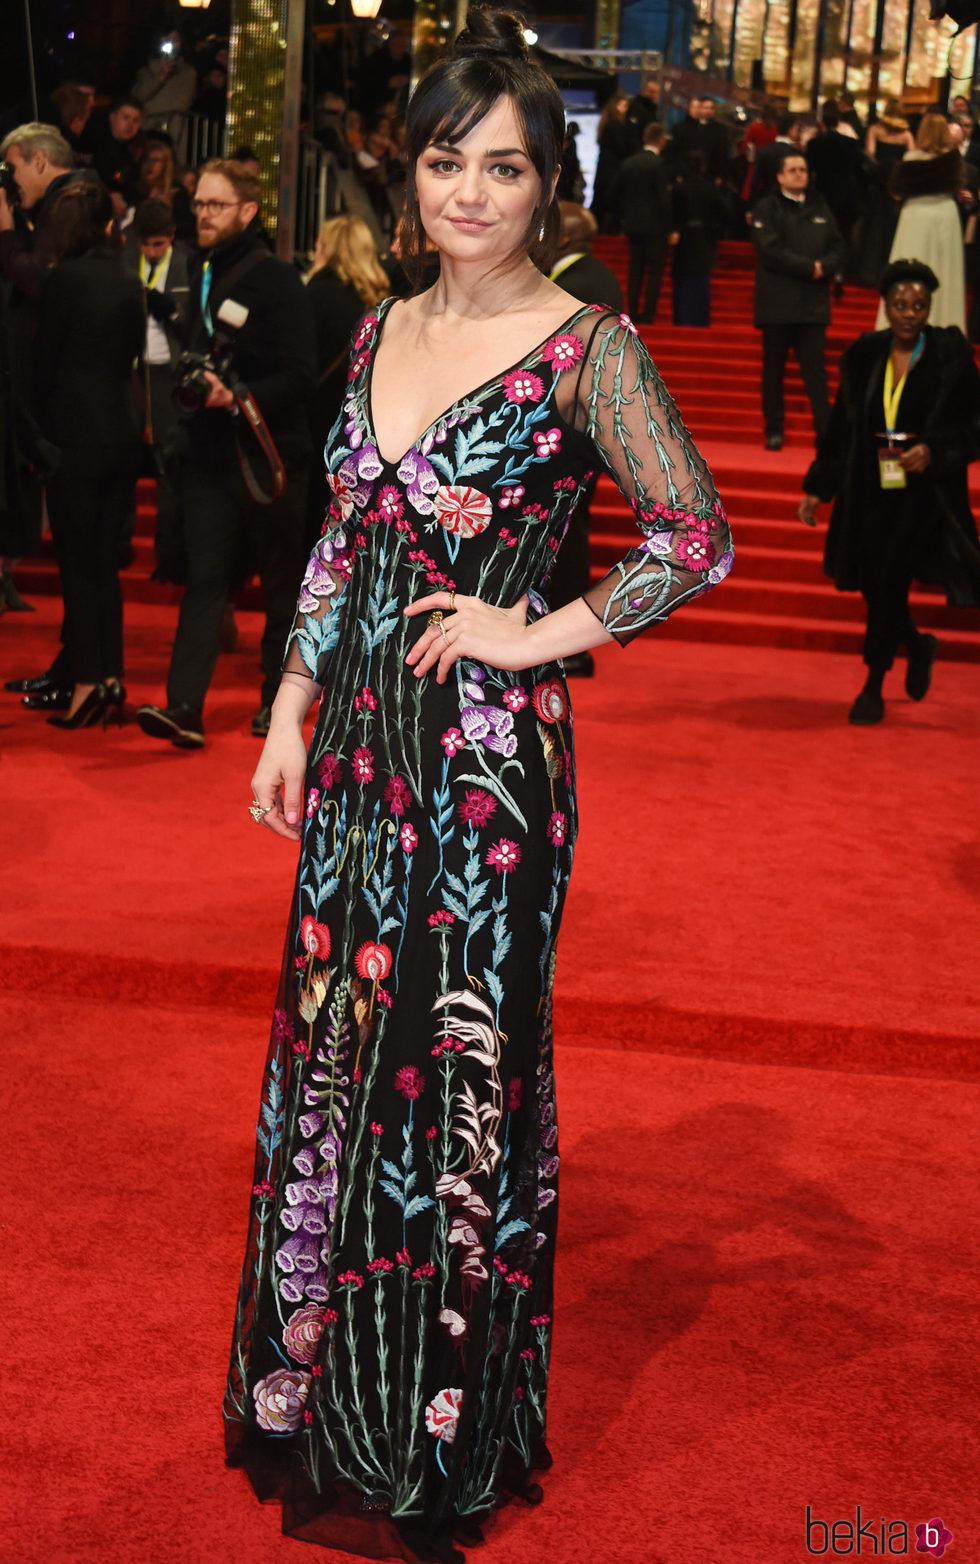 Hayley Squires en la alfombra roja de los Premios Bafta 2017